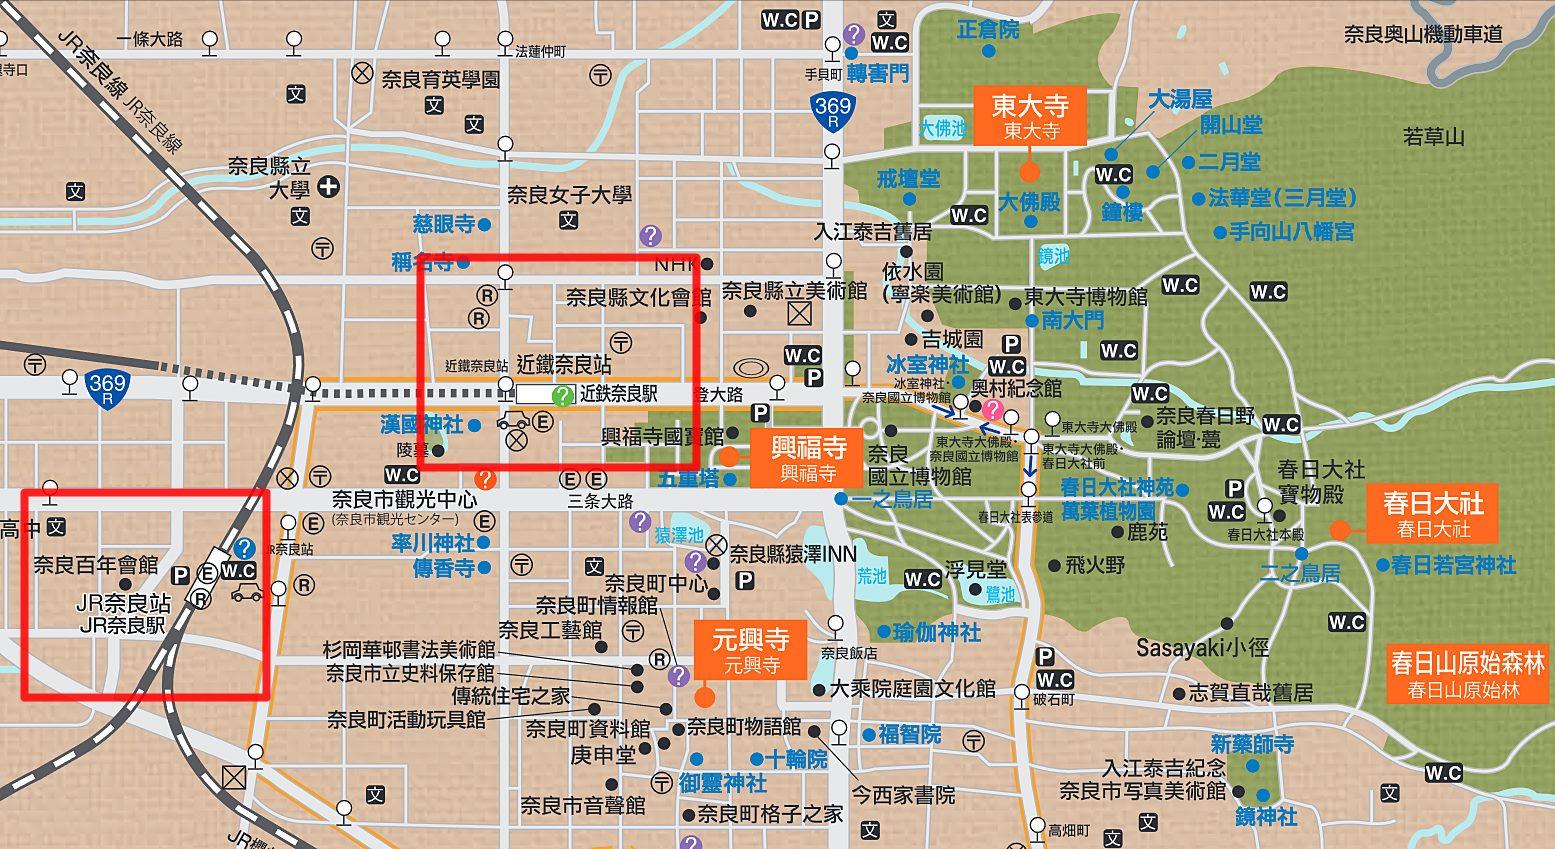 奈良景點|奈良自由行 10大「必玩景點」推薦!